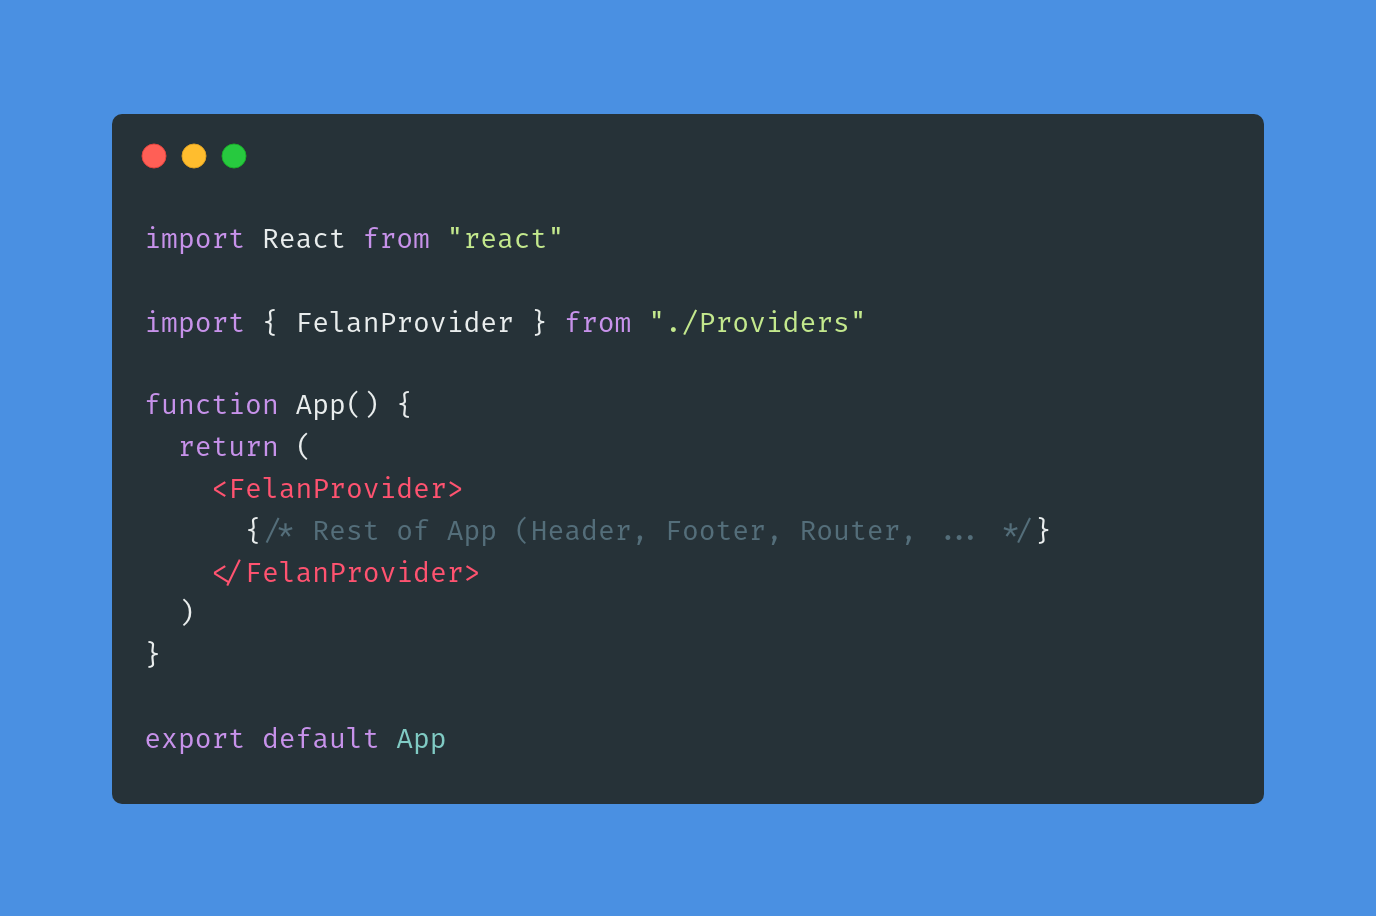 اگر از Create React App استفاده میکنید، فایل App.js رو برای اینکار انتخاب کنید